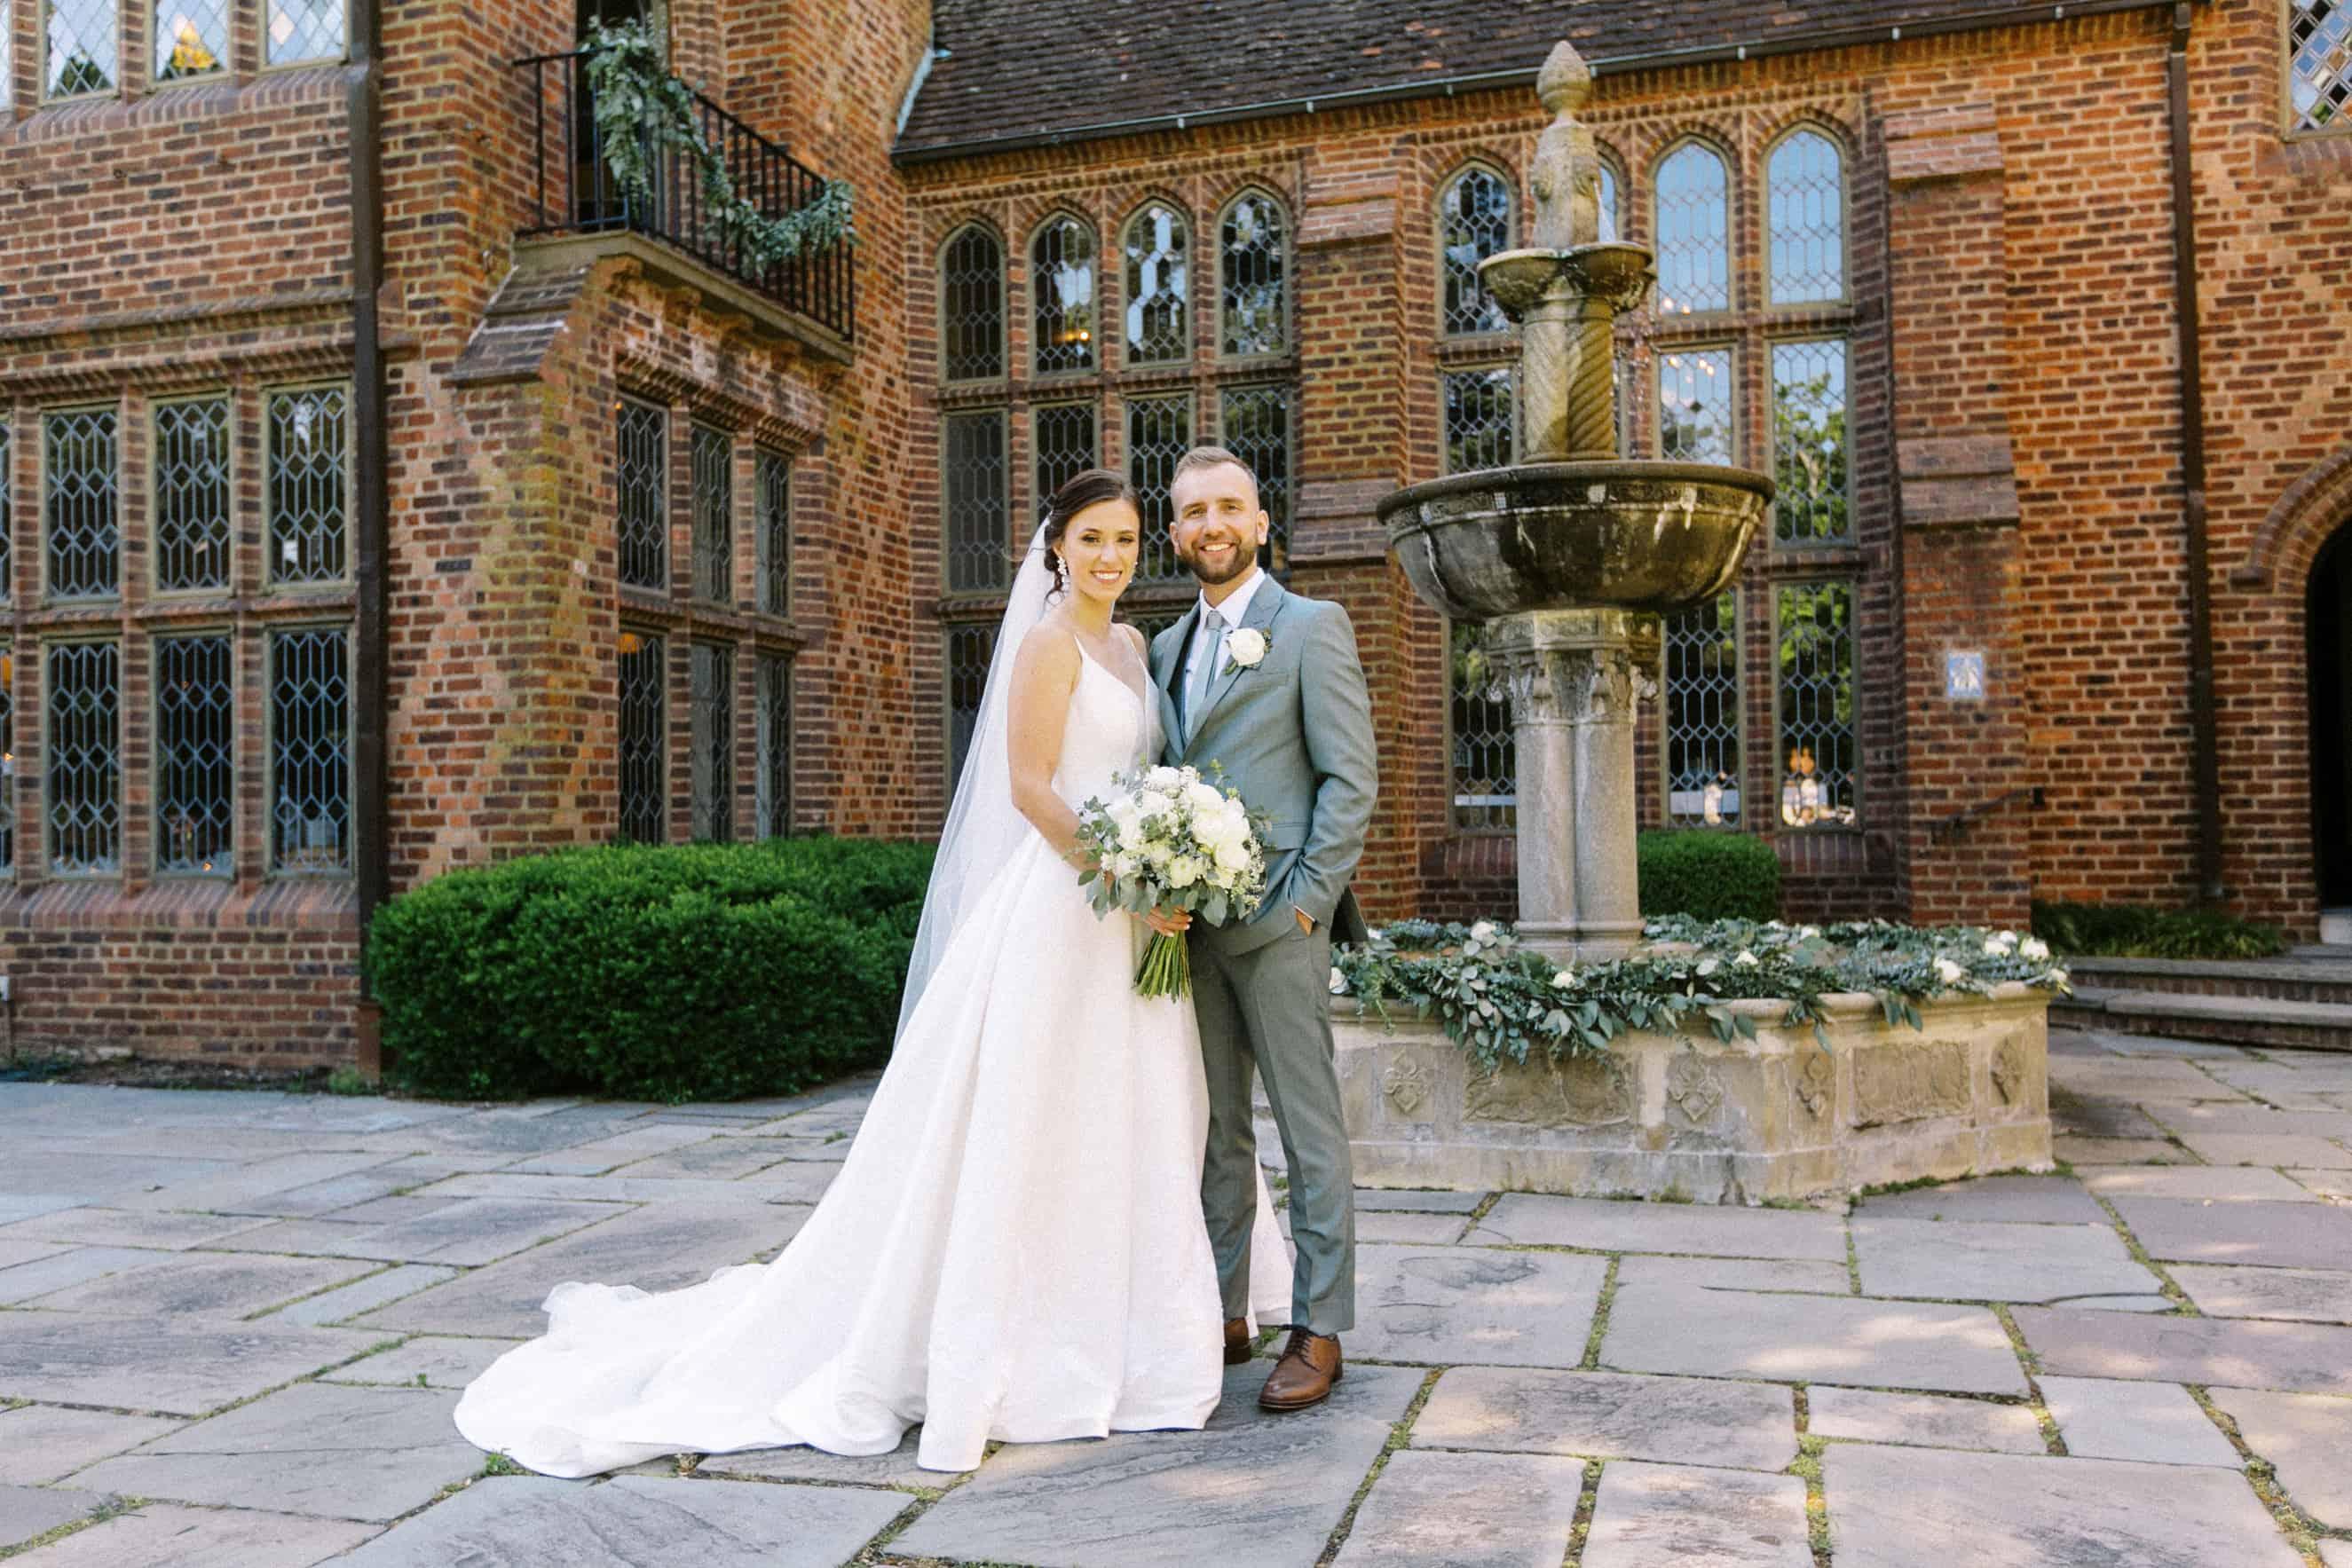 aldie mansion wedding reception